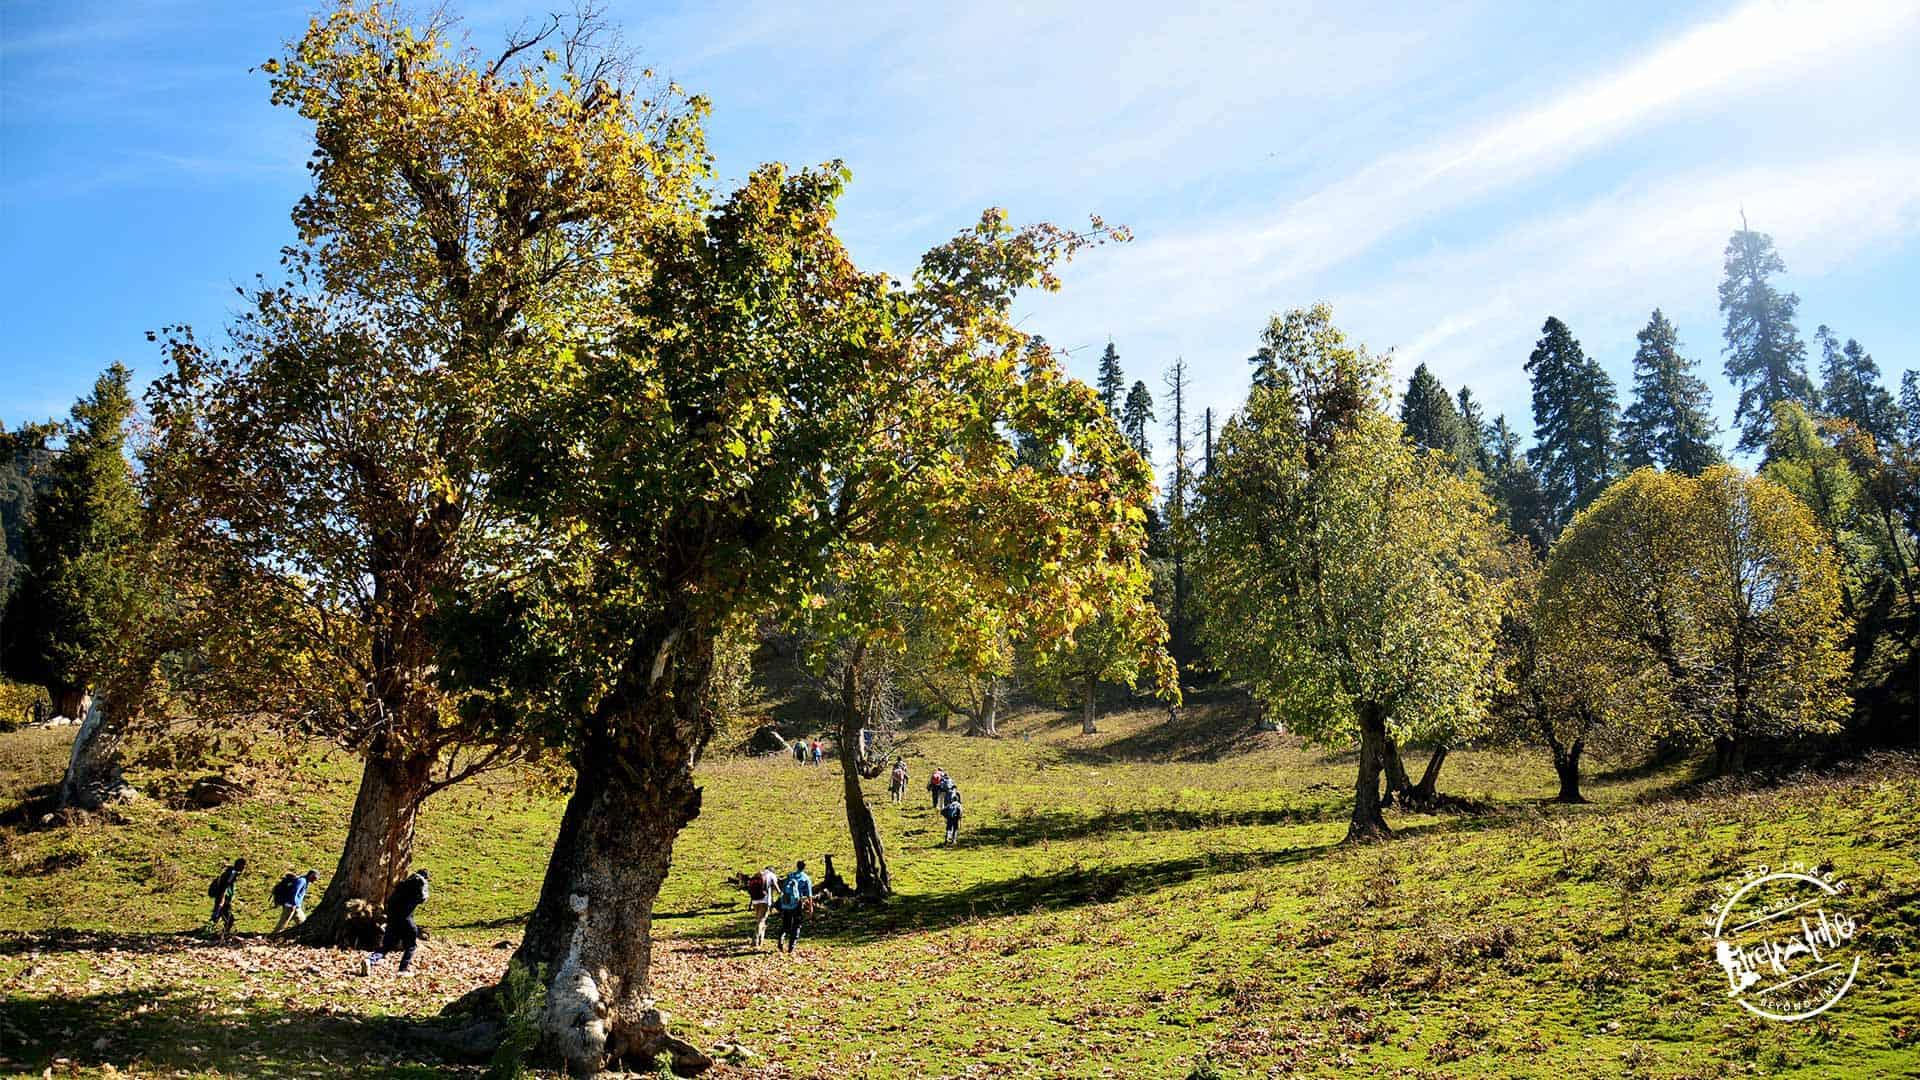 Chandrakhani pass Trekking Trail